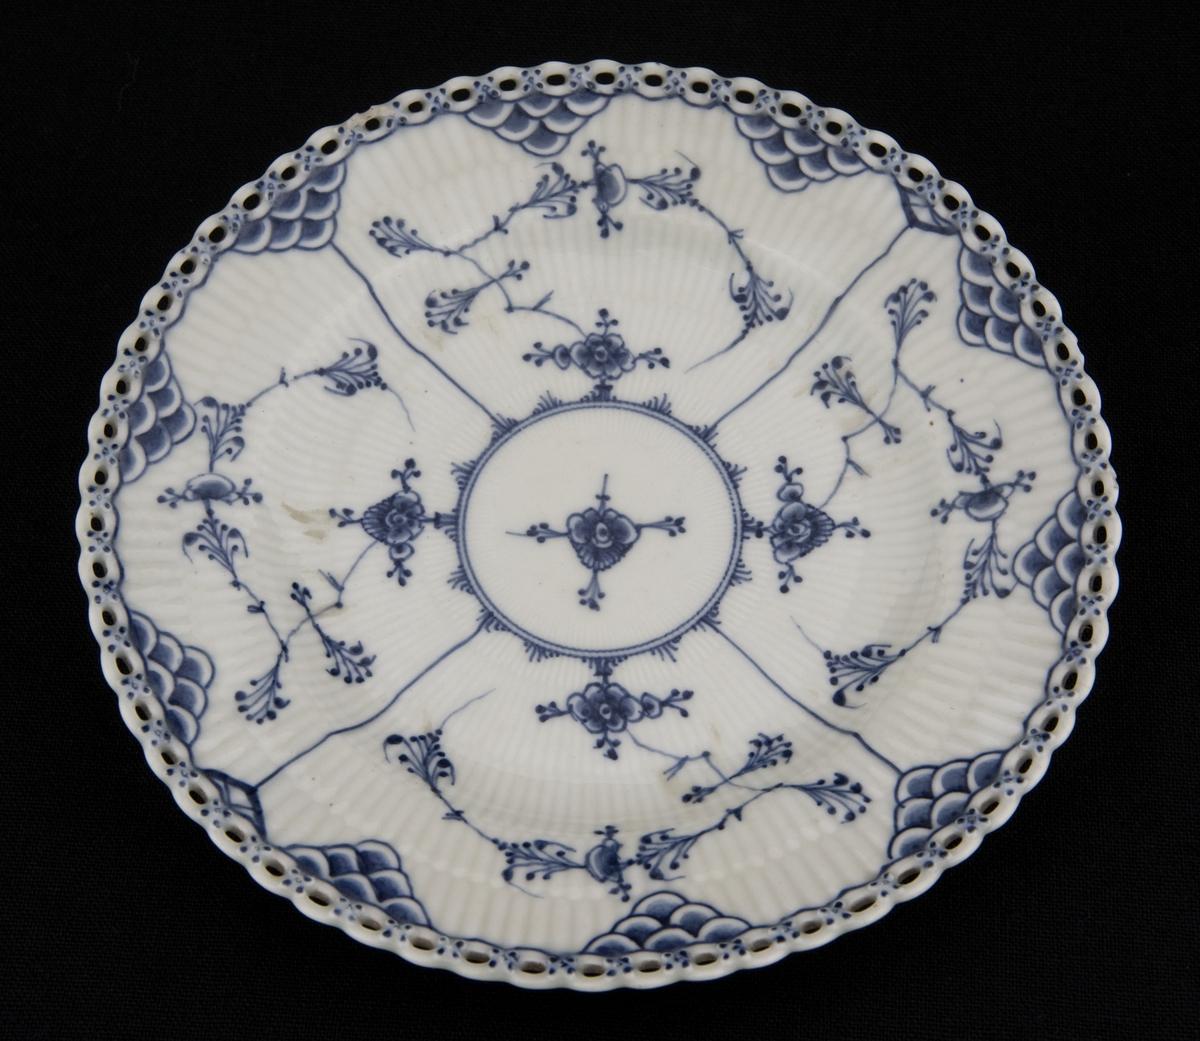 Flat spisetallerken i riflet gods med blått musselmalt mønster og gjenombrudt blondekant. Fabrikkmerket med Royal Copenhagens tre bølger samt malersignatur